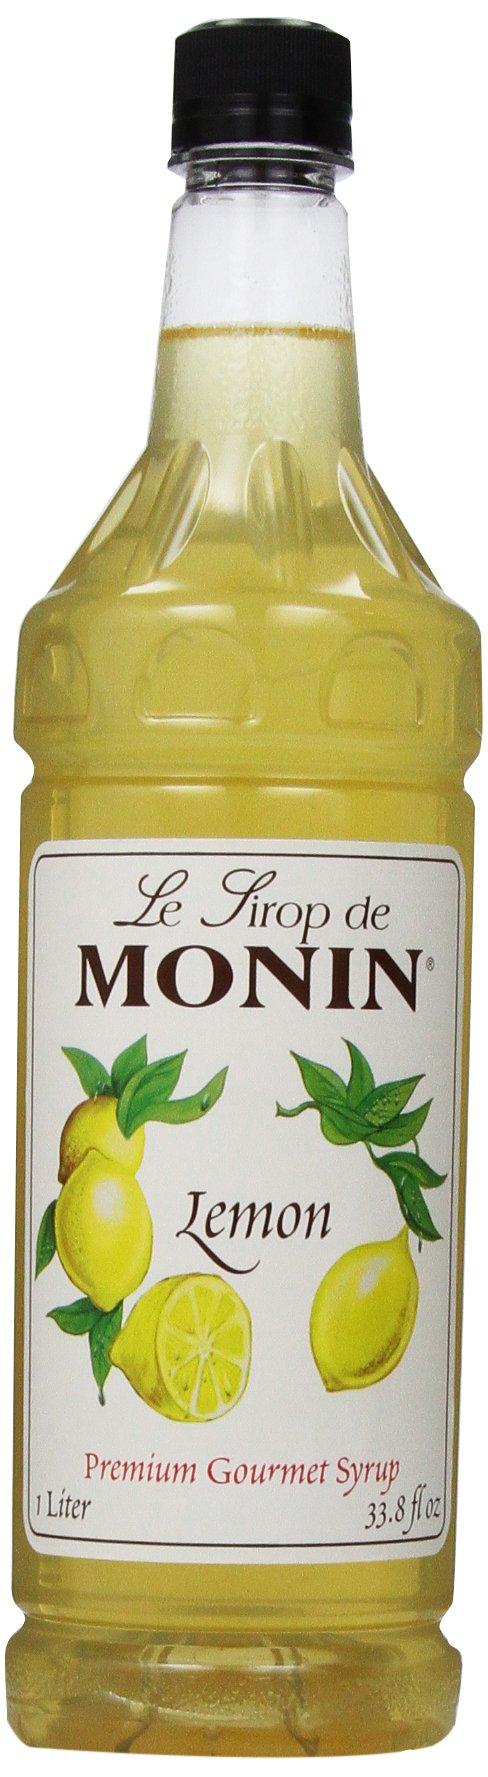 Monin Flavored Syrup, Lemon, 33.8-Ounce Plastic Bottles (Pack of 4) by Monin